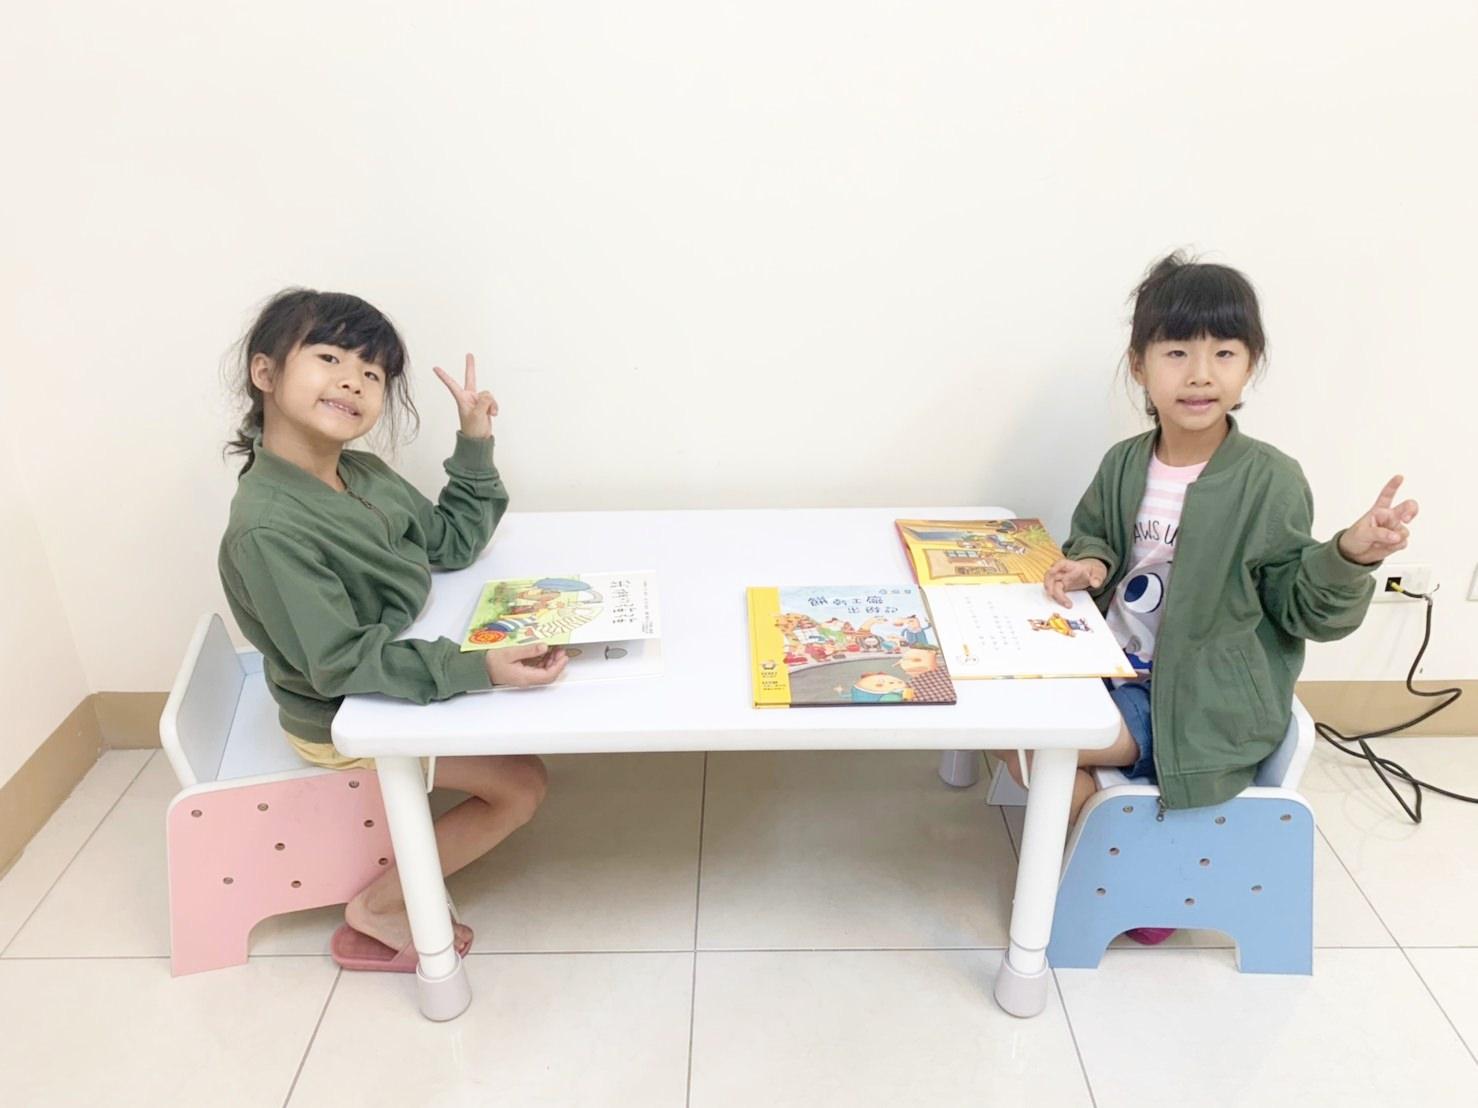 (新改版)【兒童用品】台灣 愛兒館 ilovekids第一張小桌子(離乳桌)+椅子 大才是王道 1歲用到出社會!!! 家長與孩子一起用的大書桌